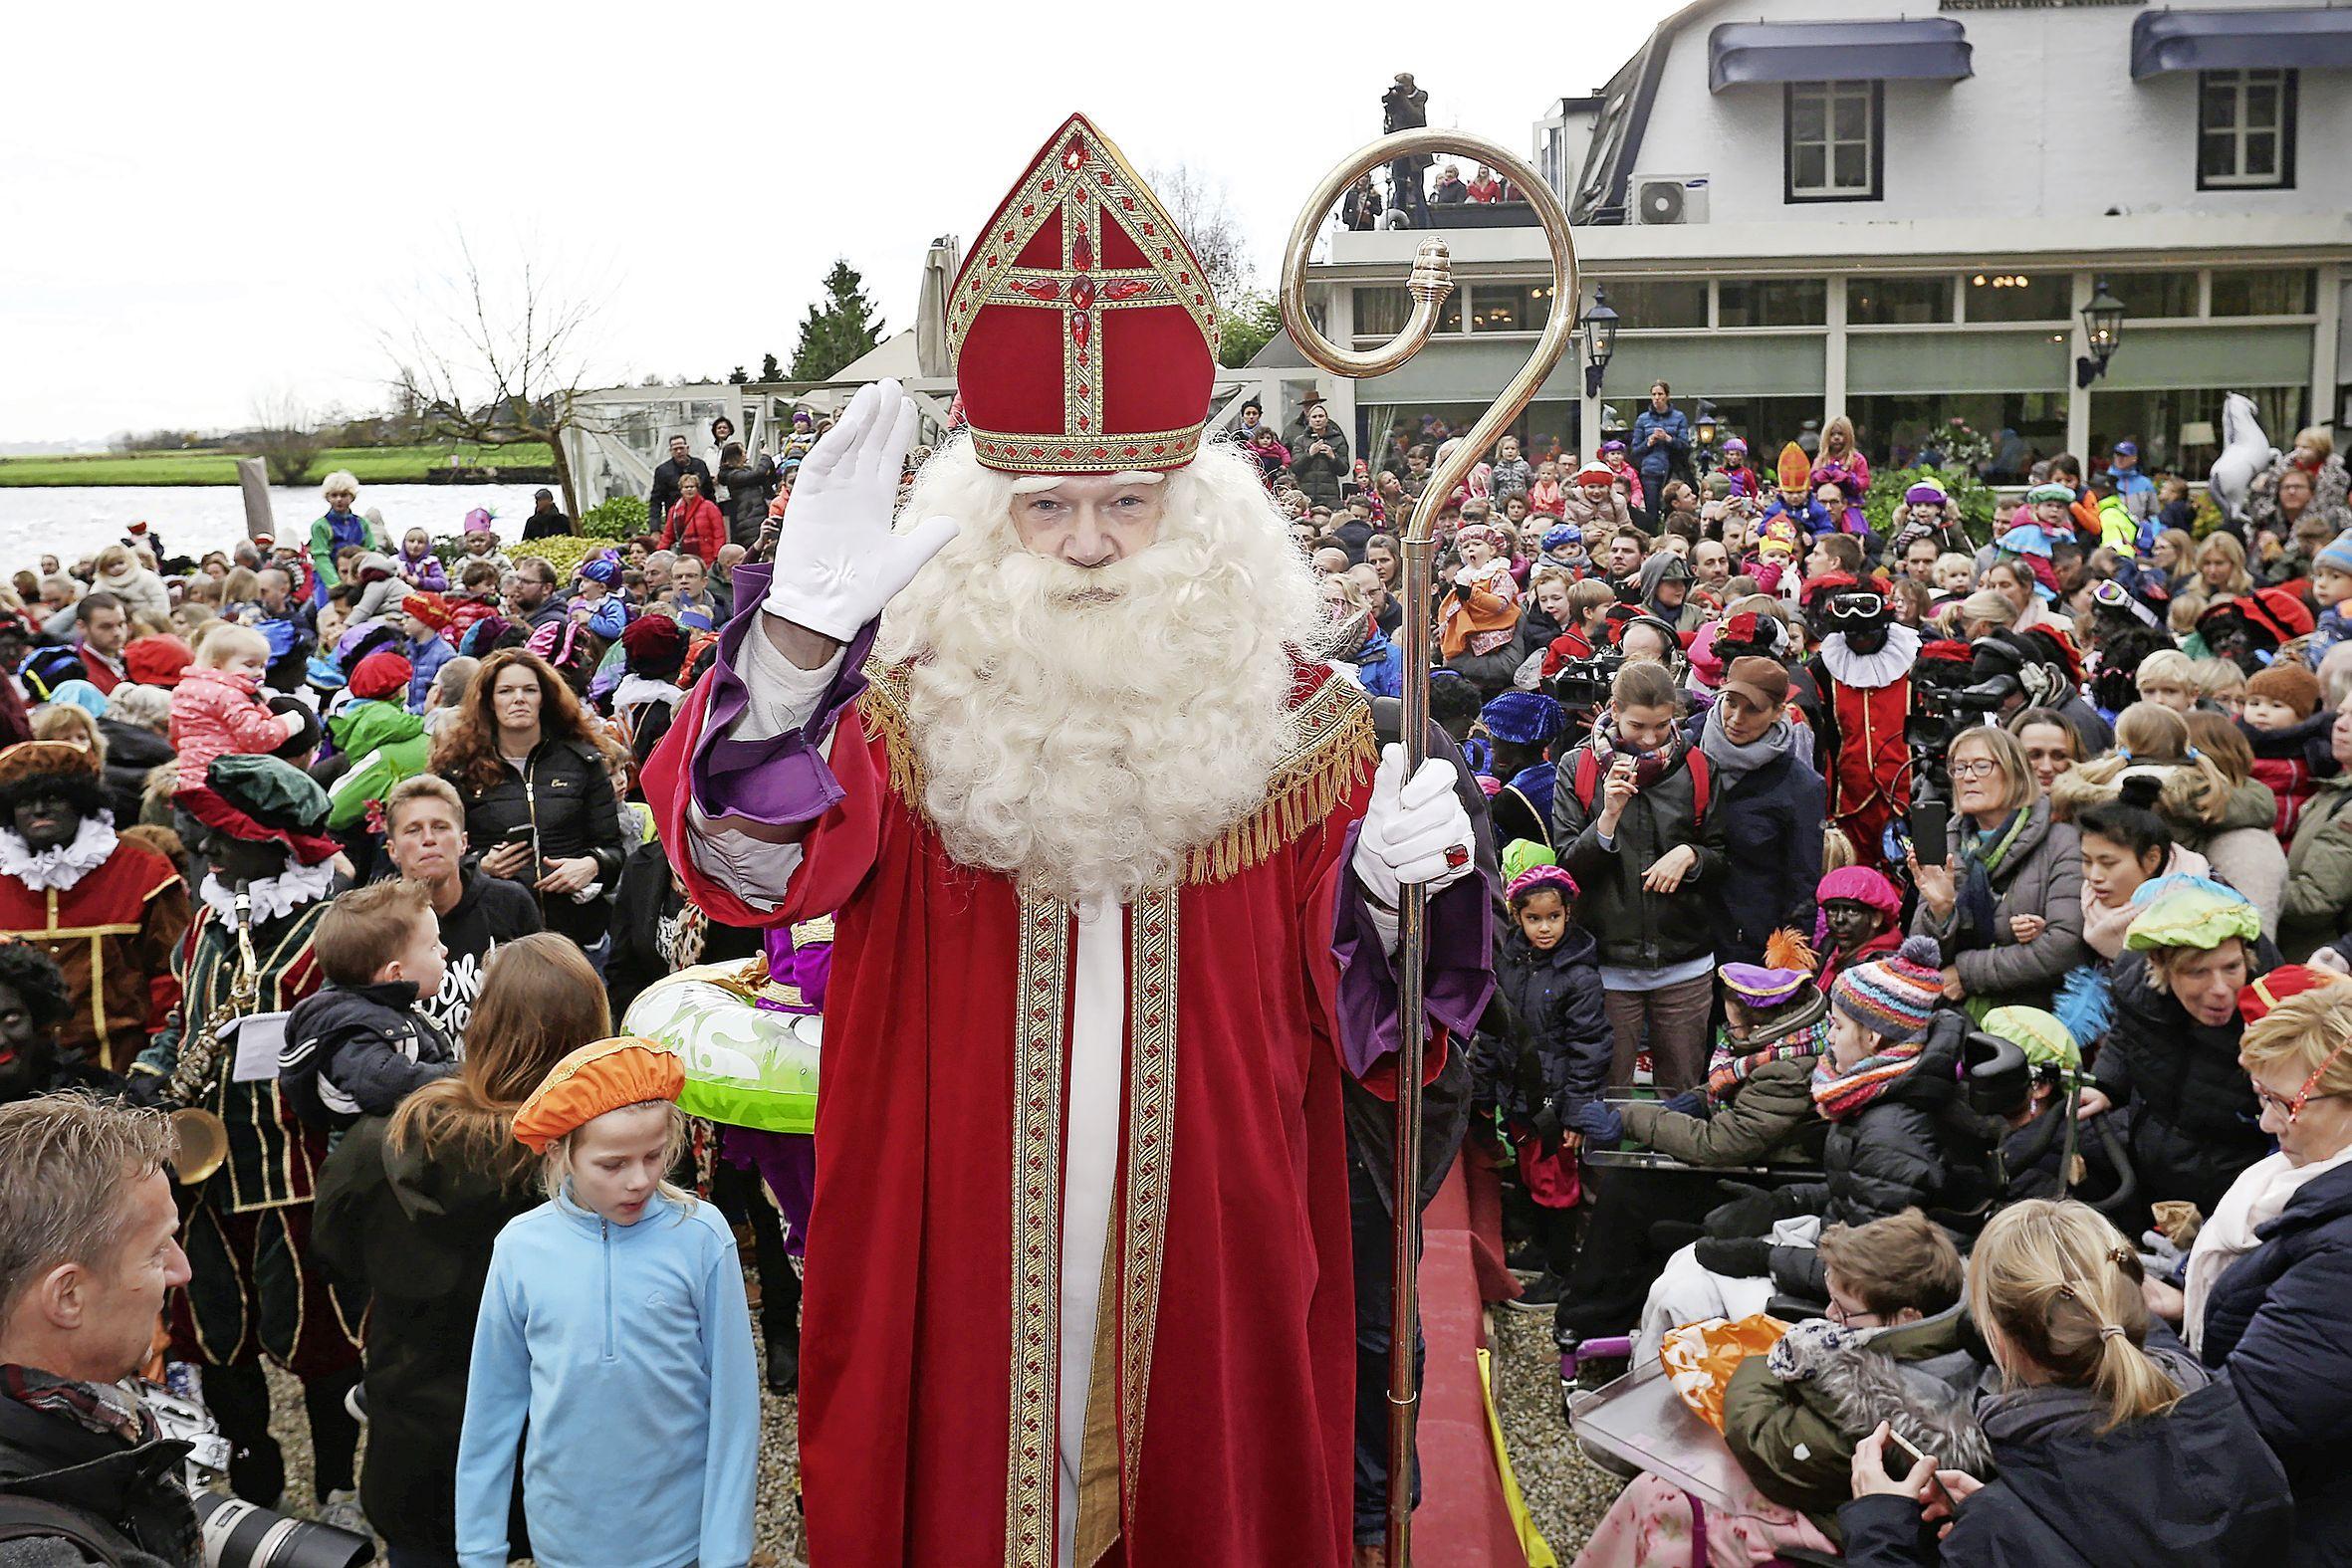 Baarnse politiek weigert garant te staan voor Sinterklaas; Doorgaan van populaire intocht dit jaar is nog lang niet zeker